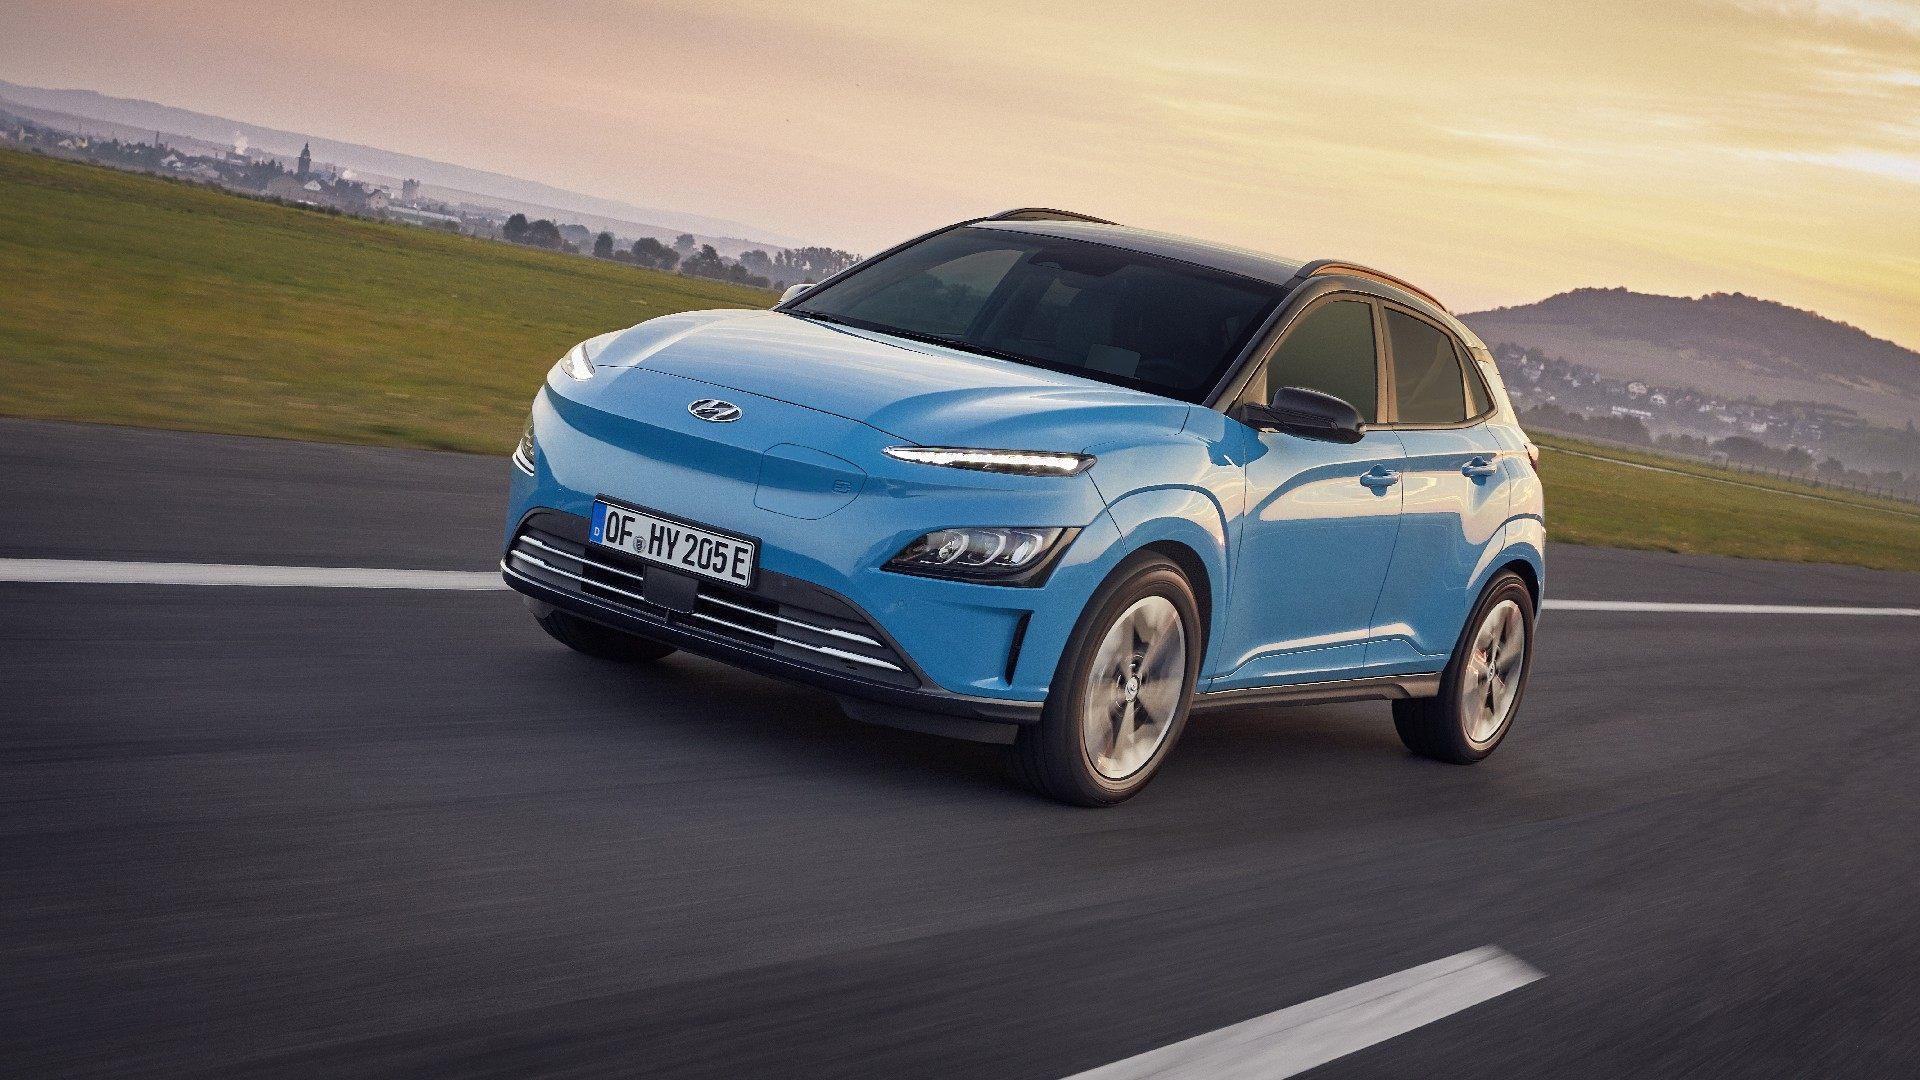 El Hyundai Kona Electric también recibe el restyling visto en el resto de la gama